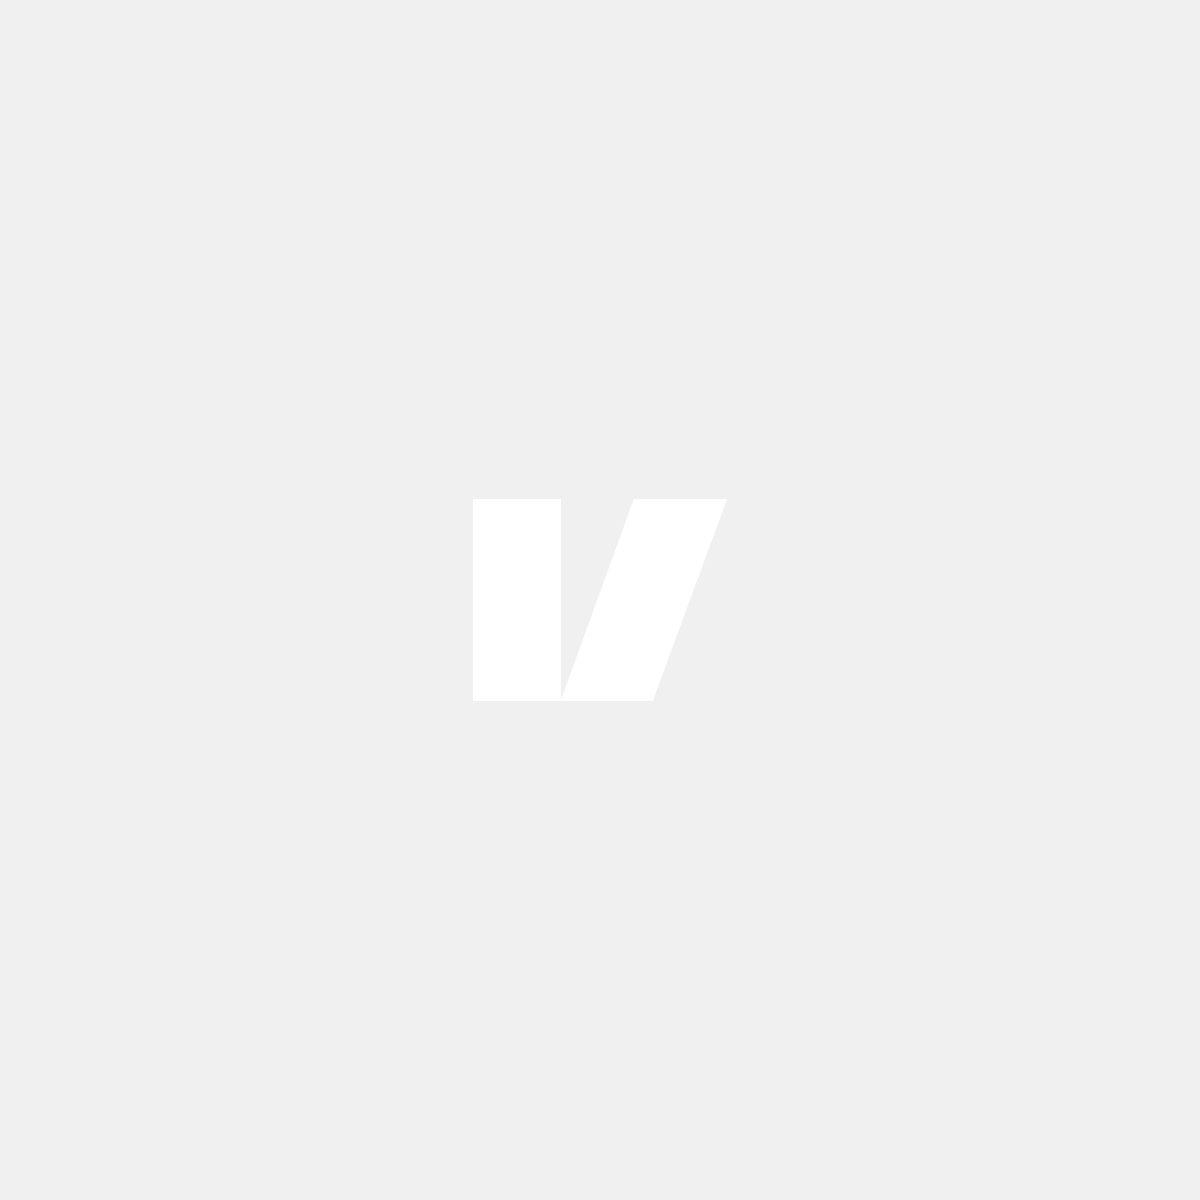 C70 USA-blinkers klarglas till Volvo S70 V70 C70, passagerarsidan